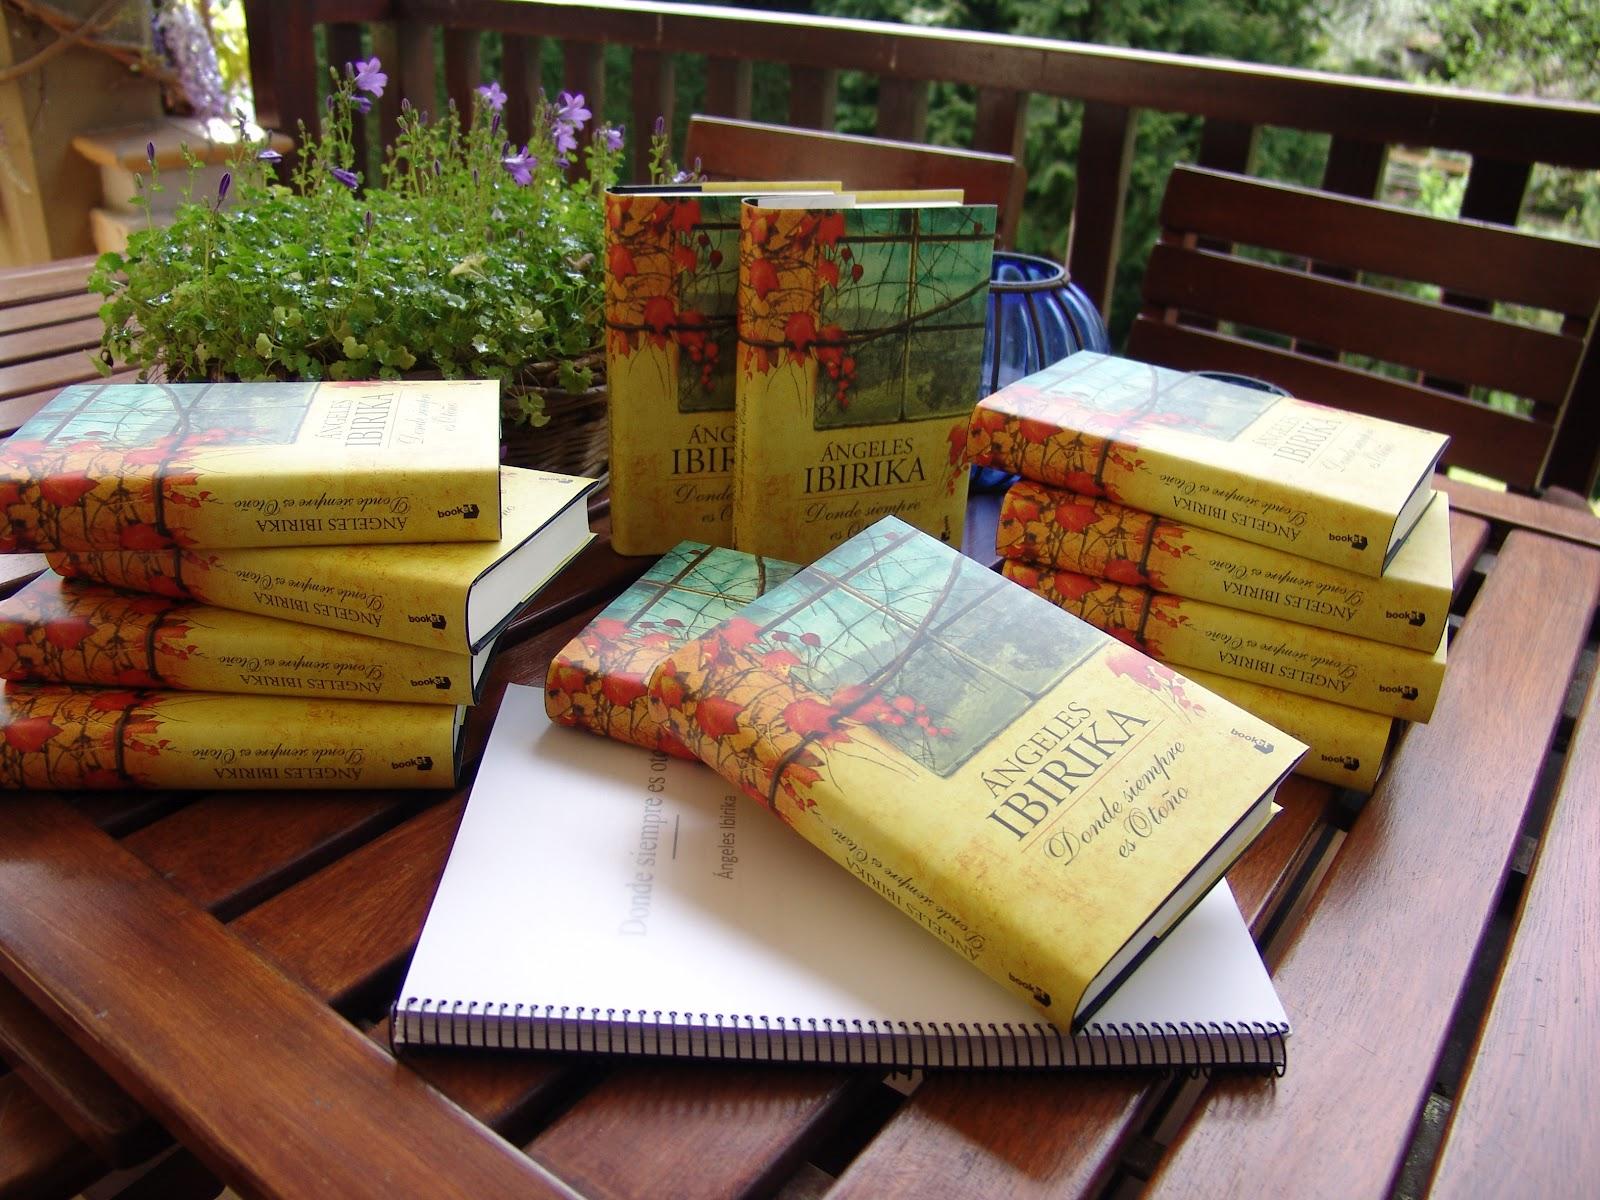 Donde siempre es otoño, de Ángeles Ibirika en manuscrito y editado.